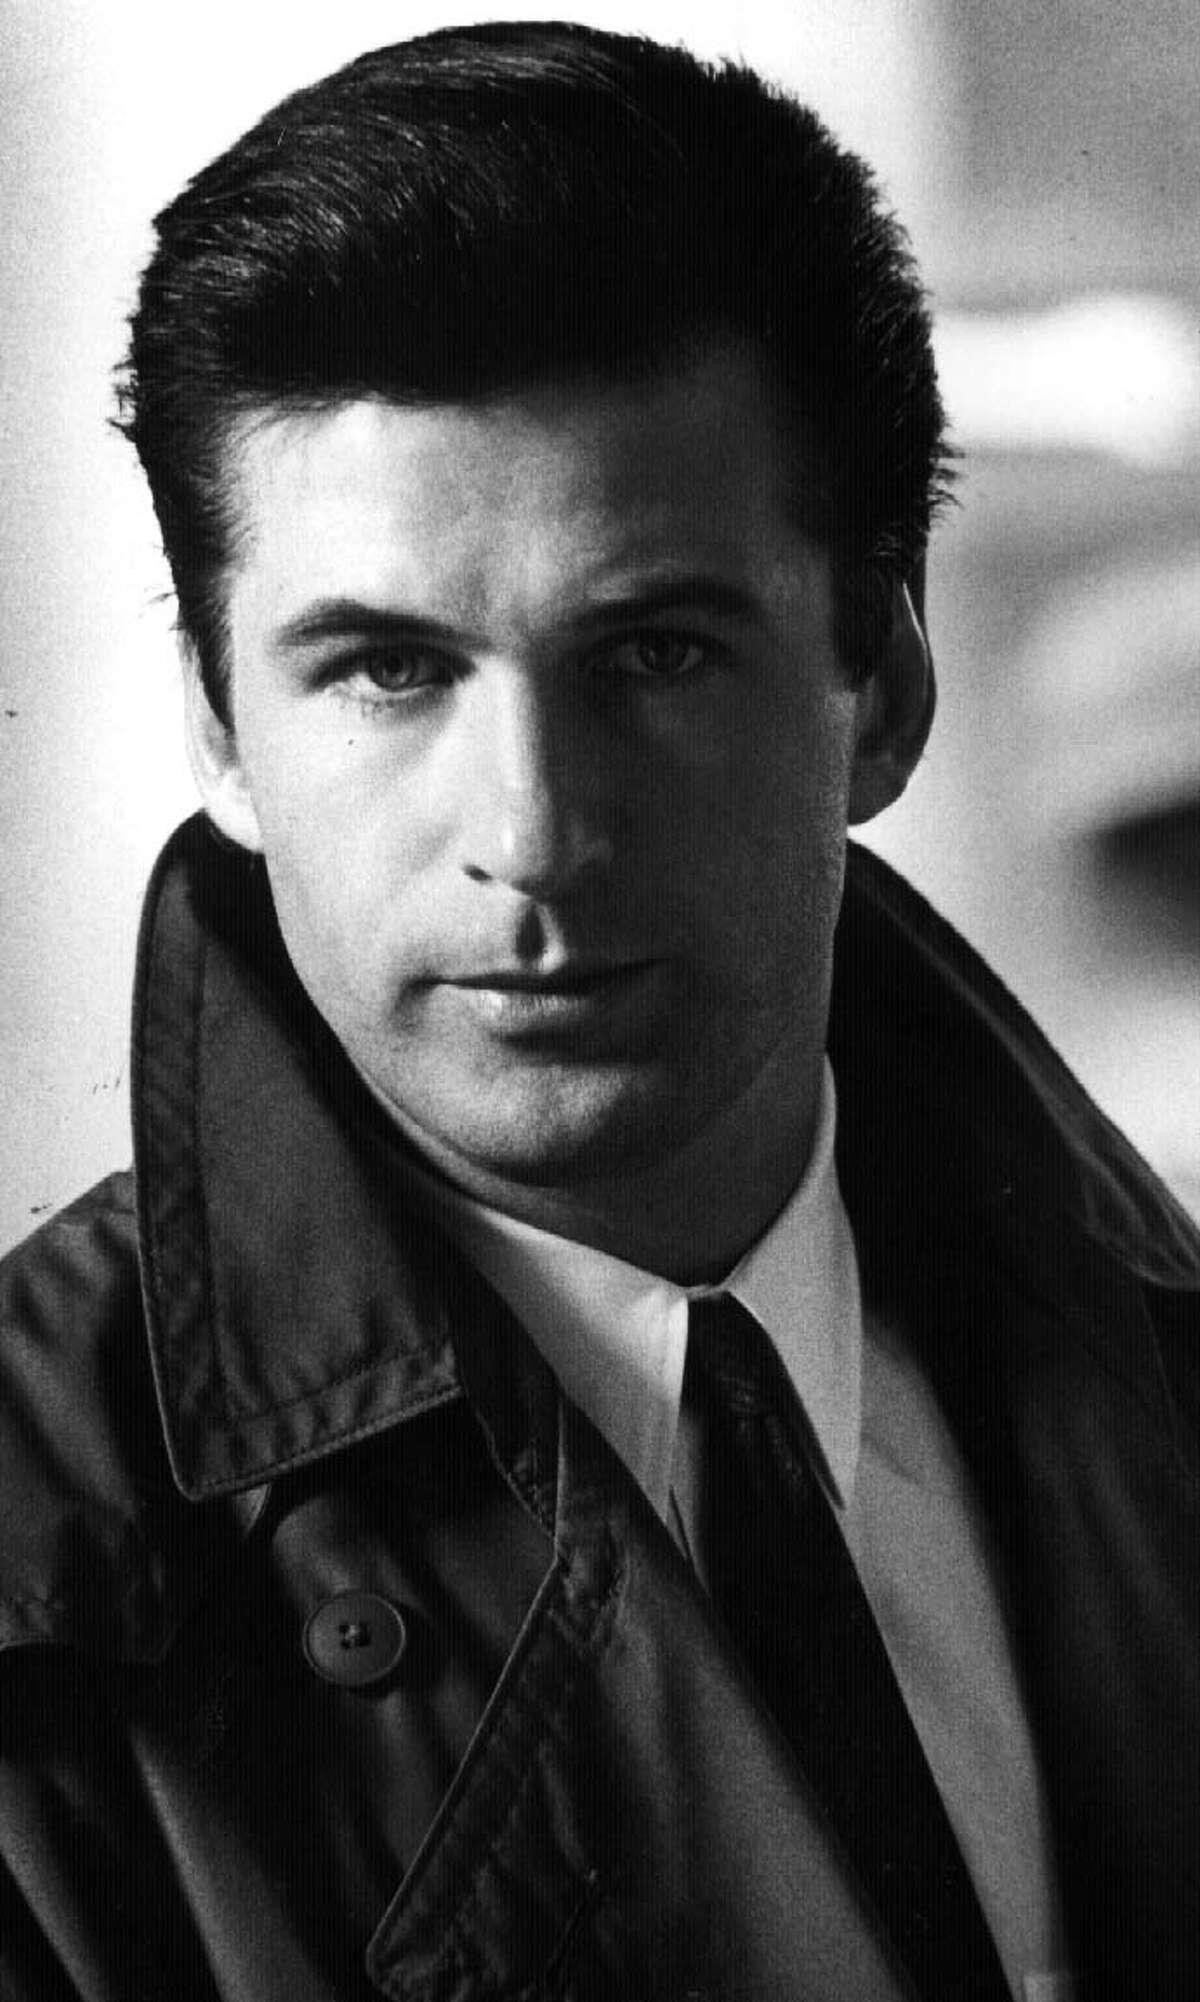 ALEC BALDWIN--Actor 19/15/96 --3--